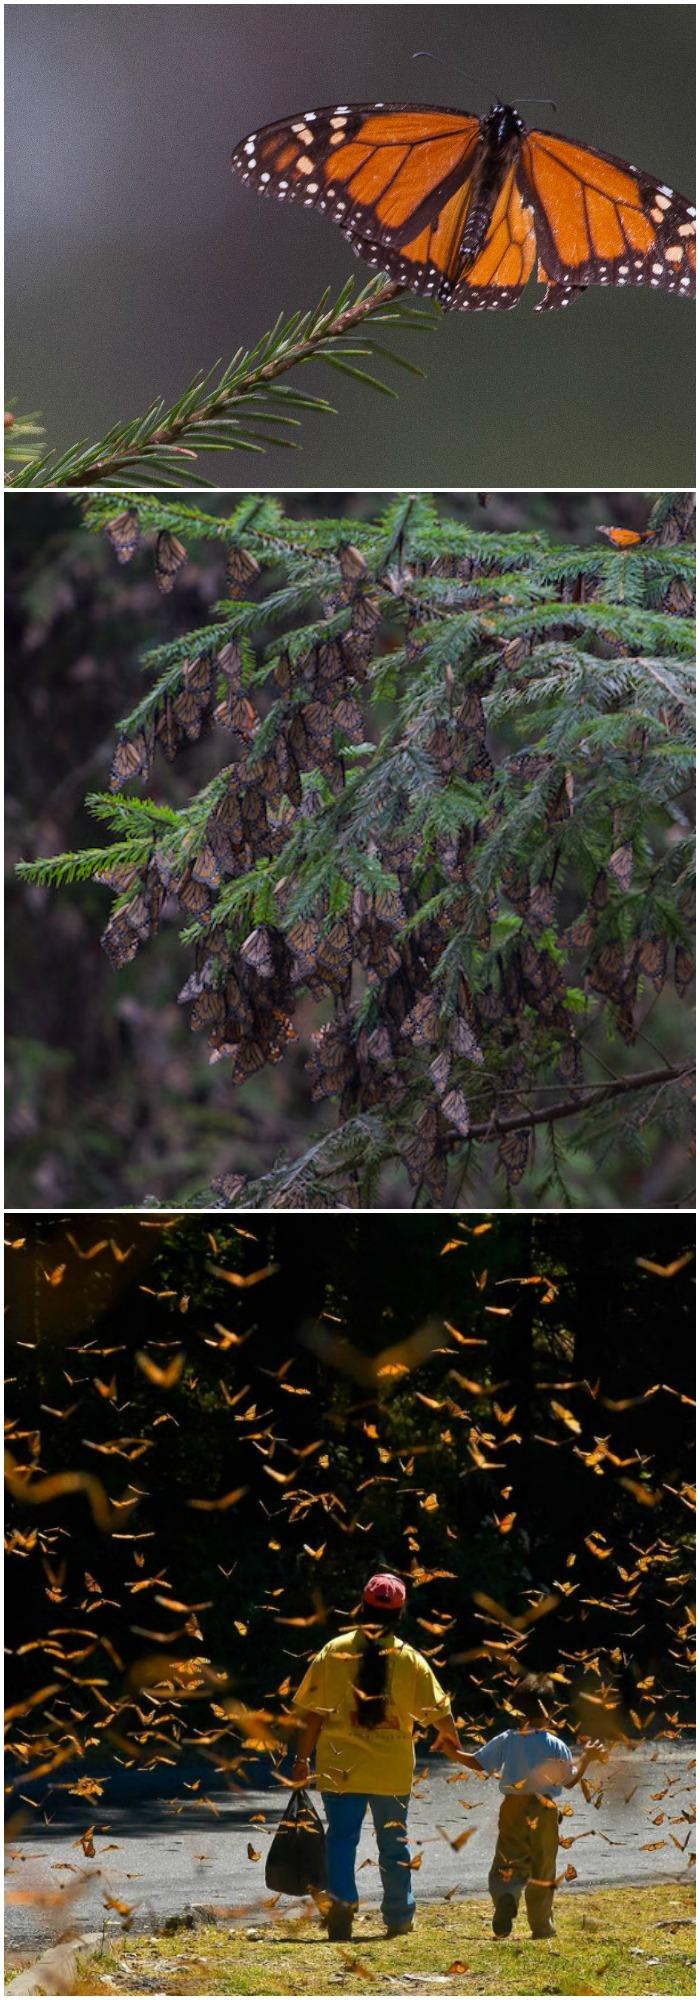 Las monarca arriban a los bosques de oyamel en México cada año, y aunque este año se reportó una posible recuperación en la población de mariposas, muchas se perdieron por una tormenta de nieve en marzo. Fotos: Cuartoscuro